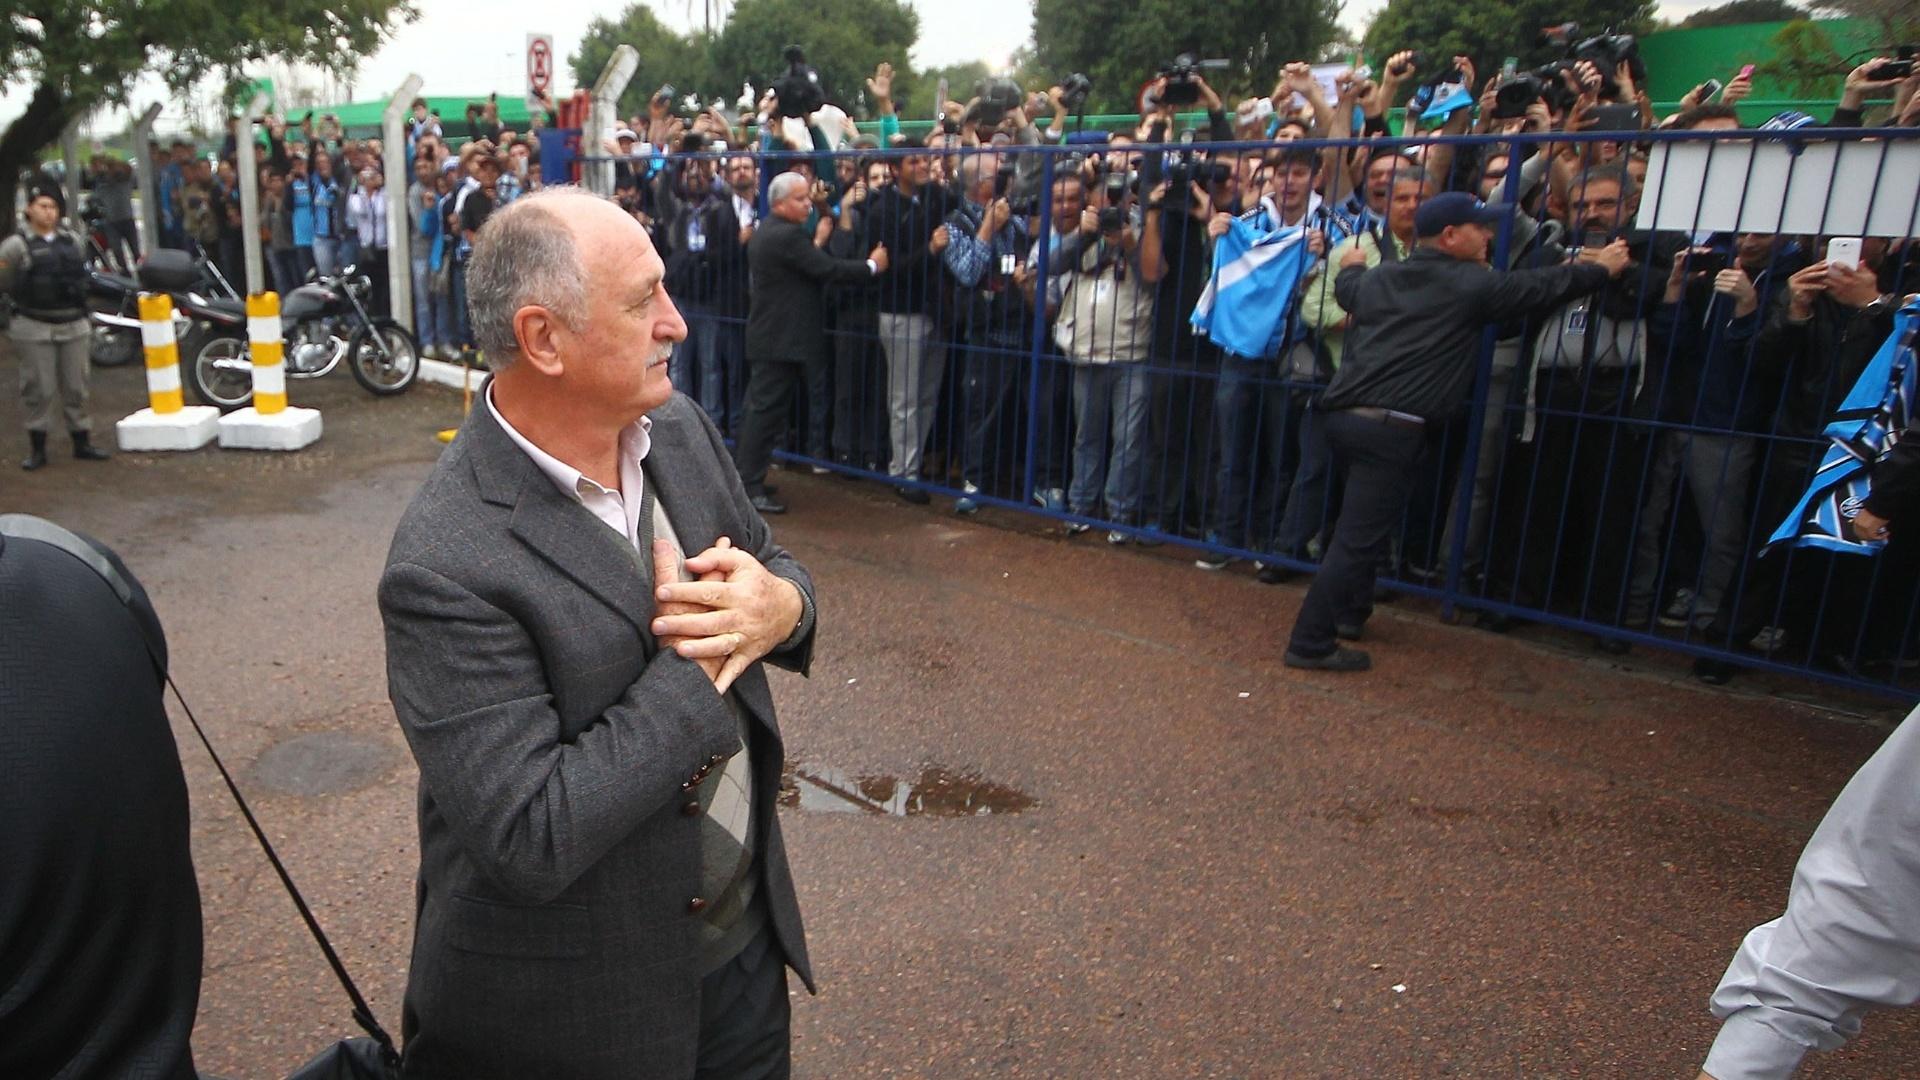 30.07.2014 - Felipão demonstra carinho aos torcedores do Grêmio ao chegar em Porto Alegre